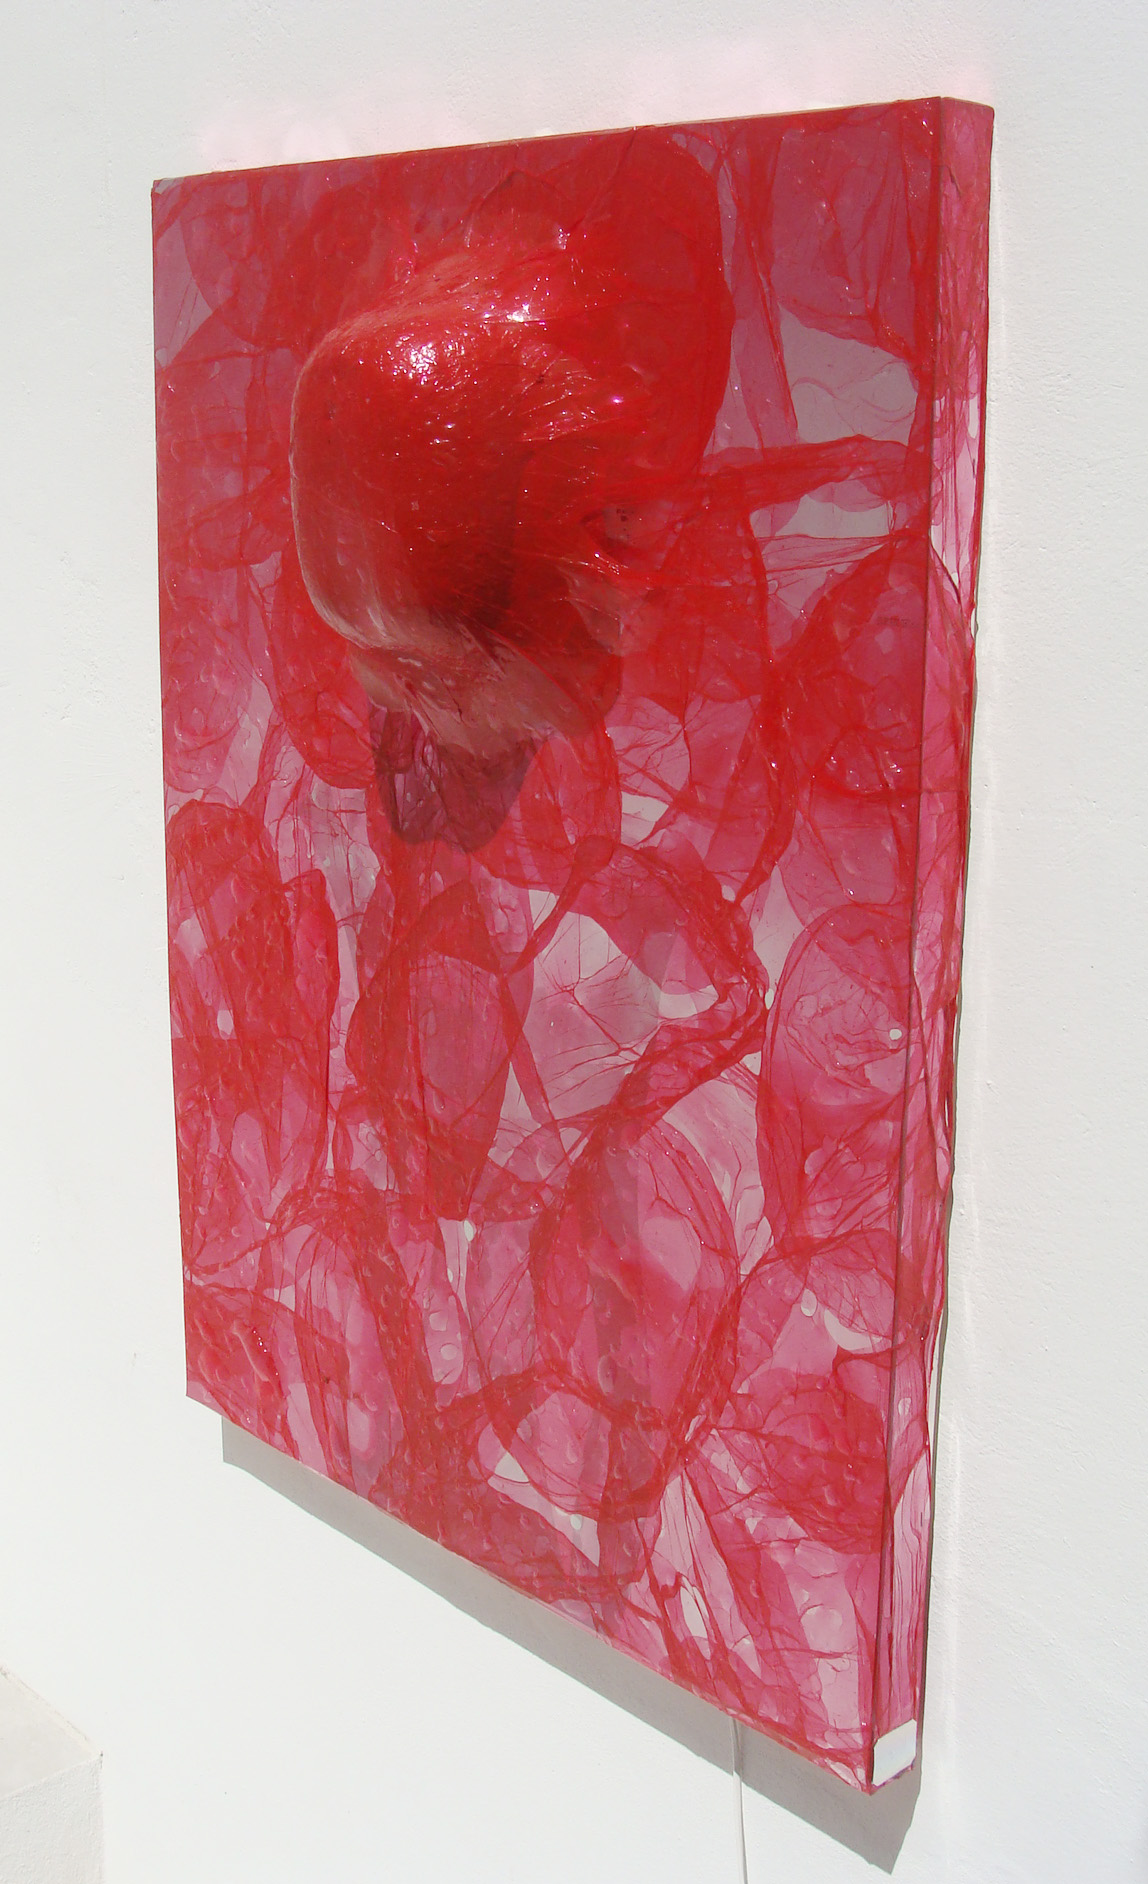 guardiano rosso - 2009 - H100 L70